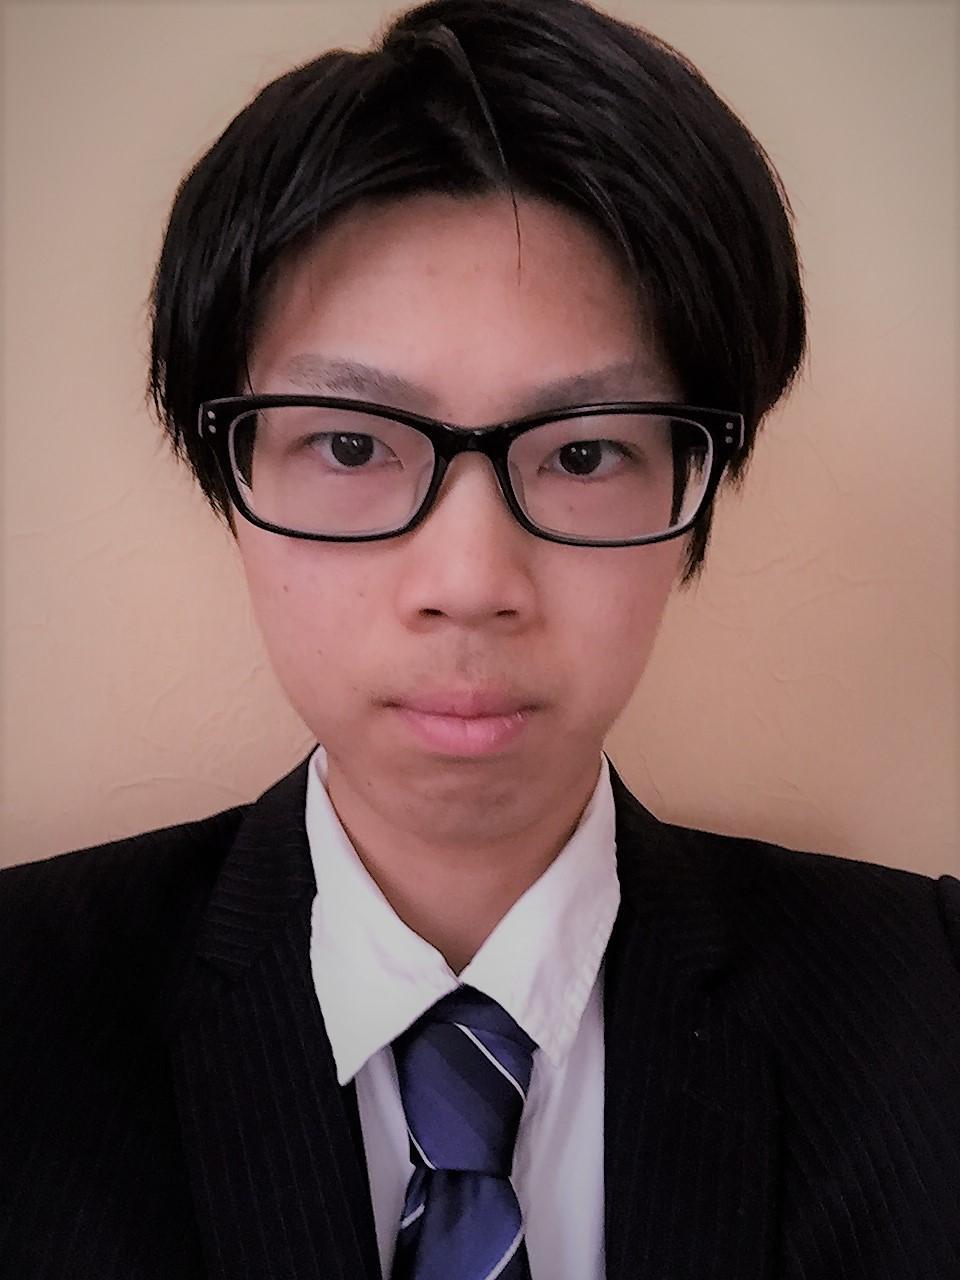 かんじ@恋愛アドバイザー